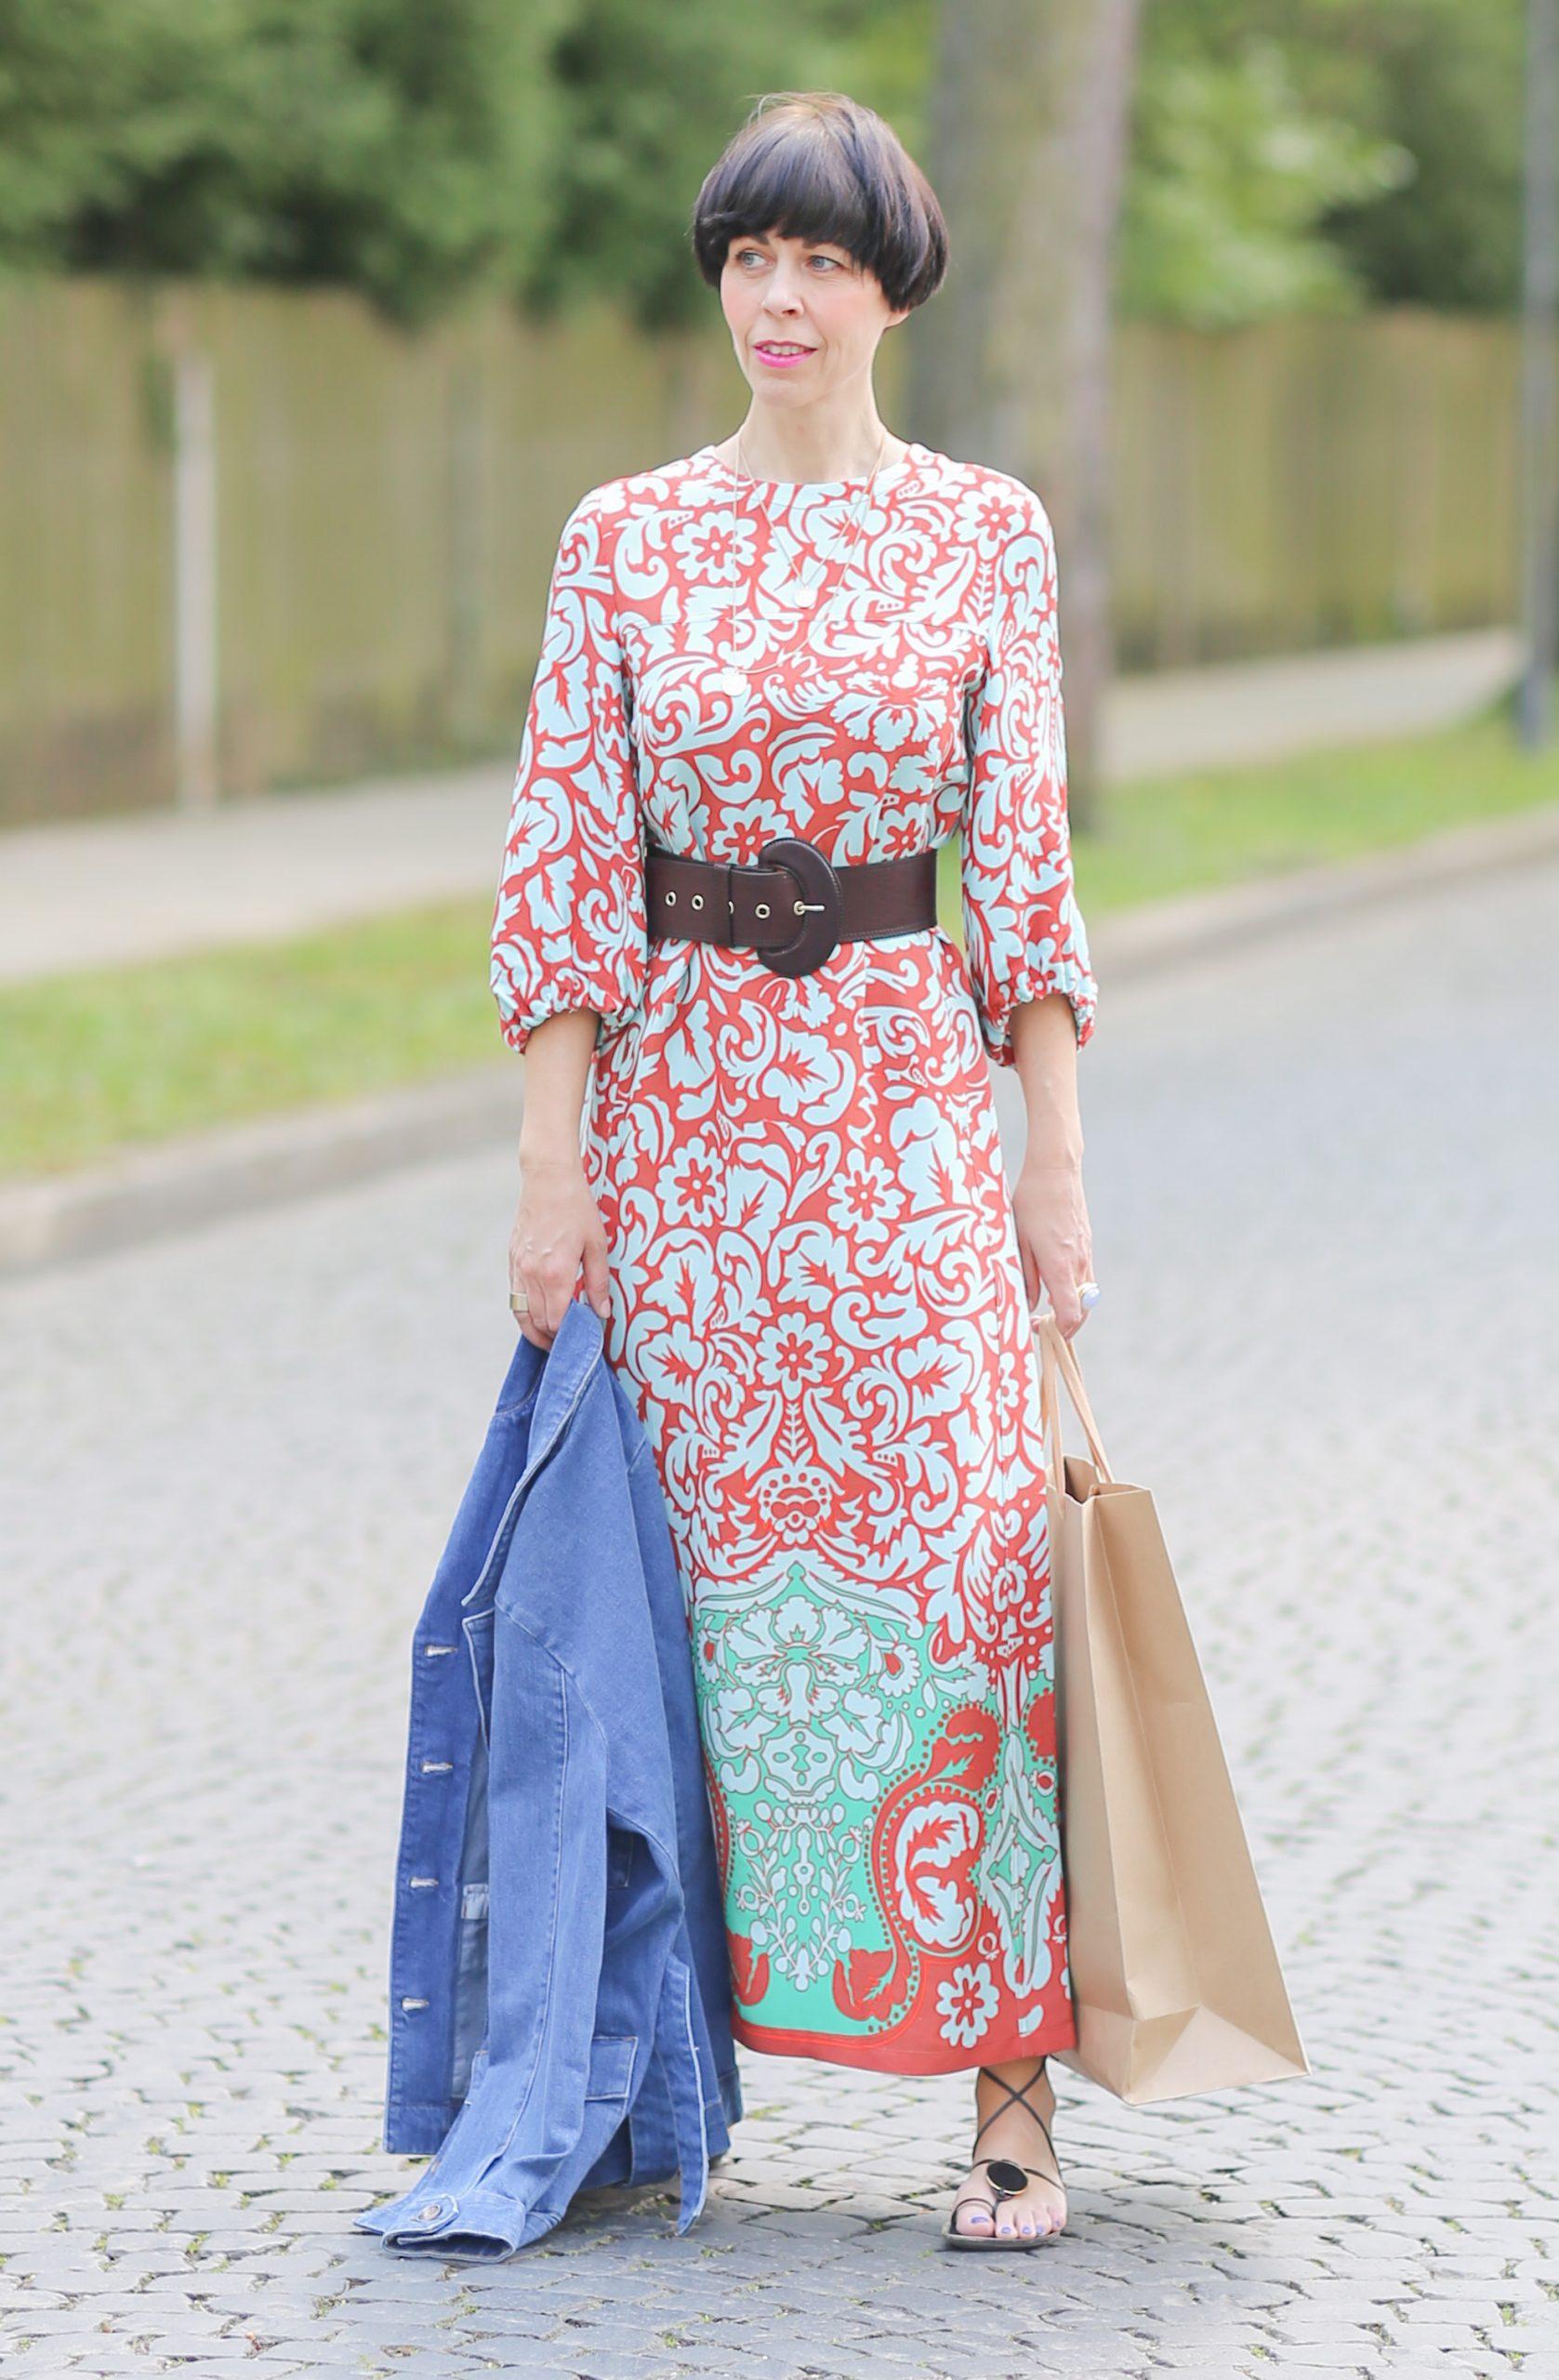 Städtetrip Eine Frau mit einem bunten Maxikleid steht auf der Straße mit einer Jeansjacke in ihrer Hand und ihrer Shoppingbag